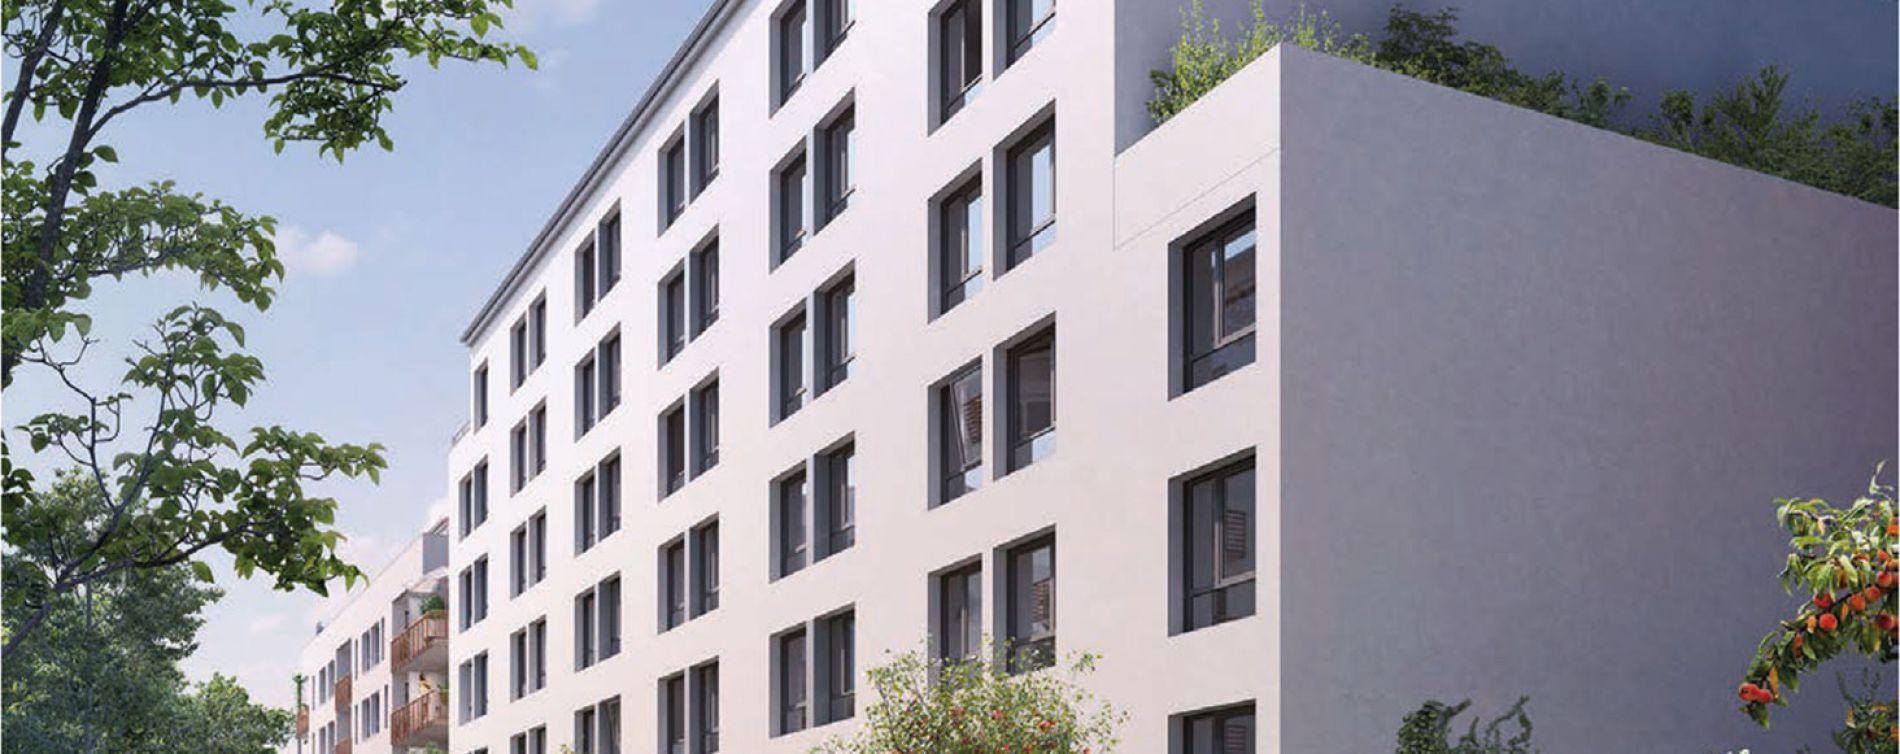 Résidence Origin résidence Etudiante à Clermont-Ferrand